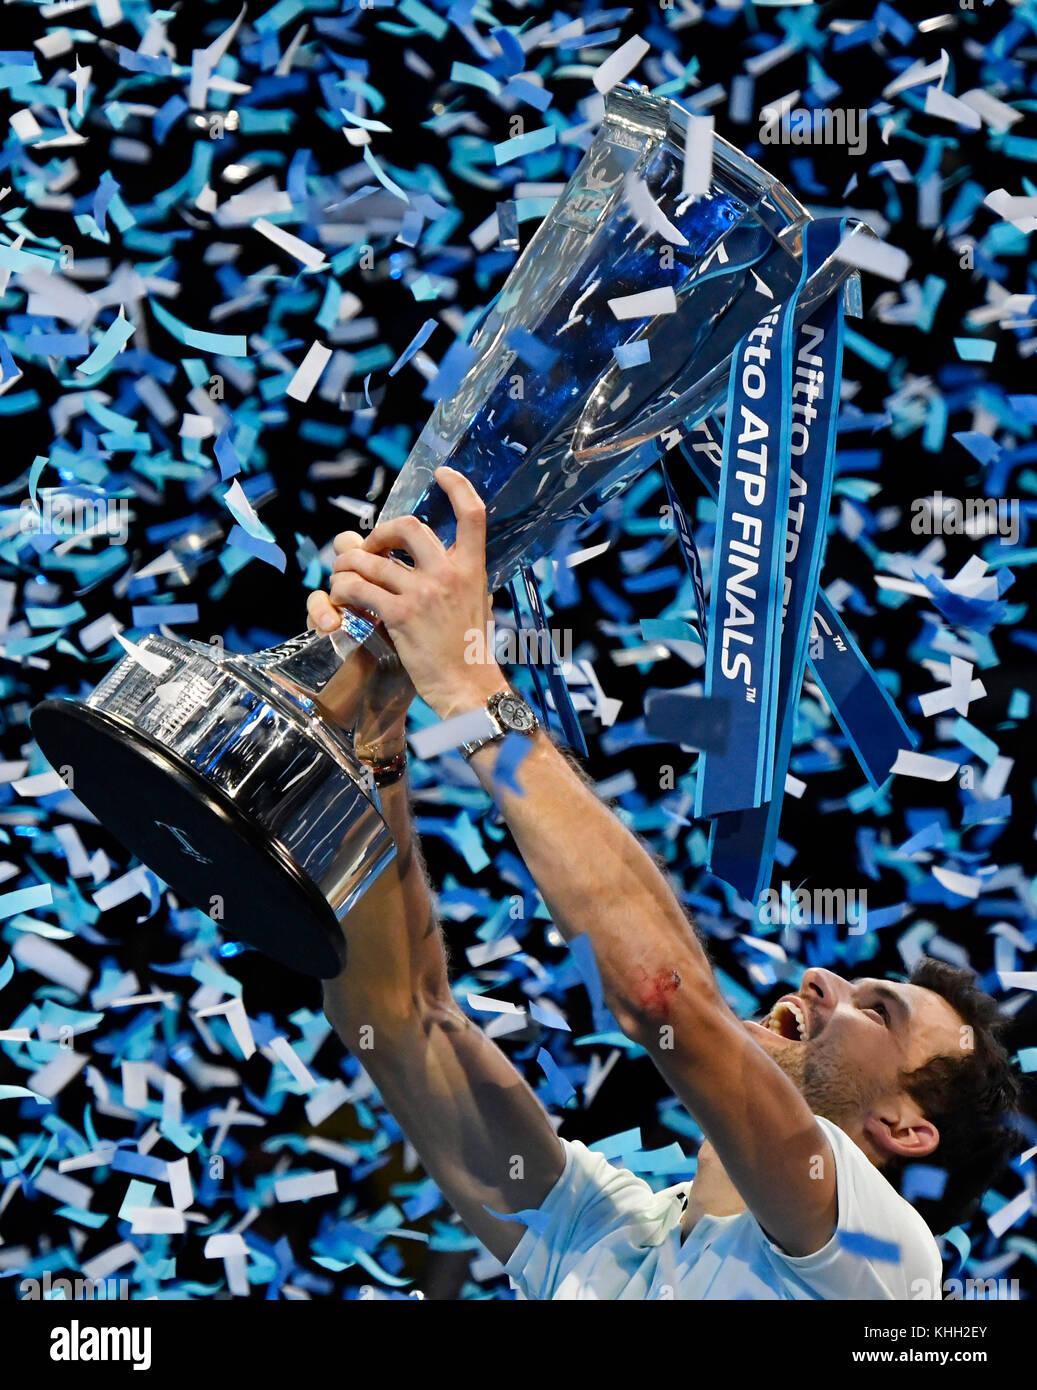 Nitto ATP World Tour Finals at O2 Arena London, UK. 19th Nov, 2017. FINAL Gregor Dimitrov BUL v David Goffin BEL - Stock Image